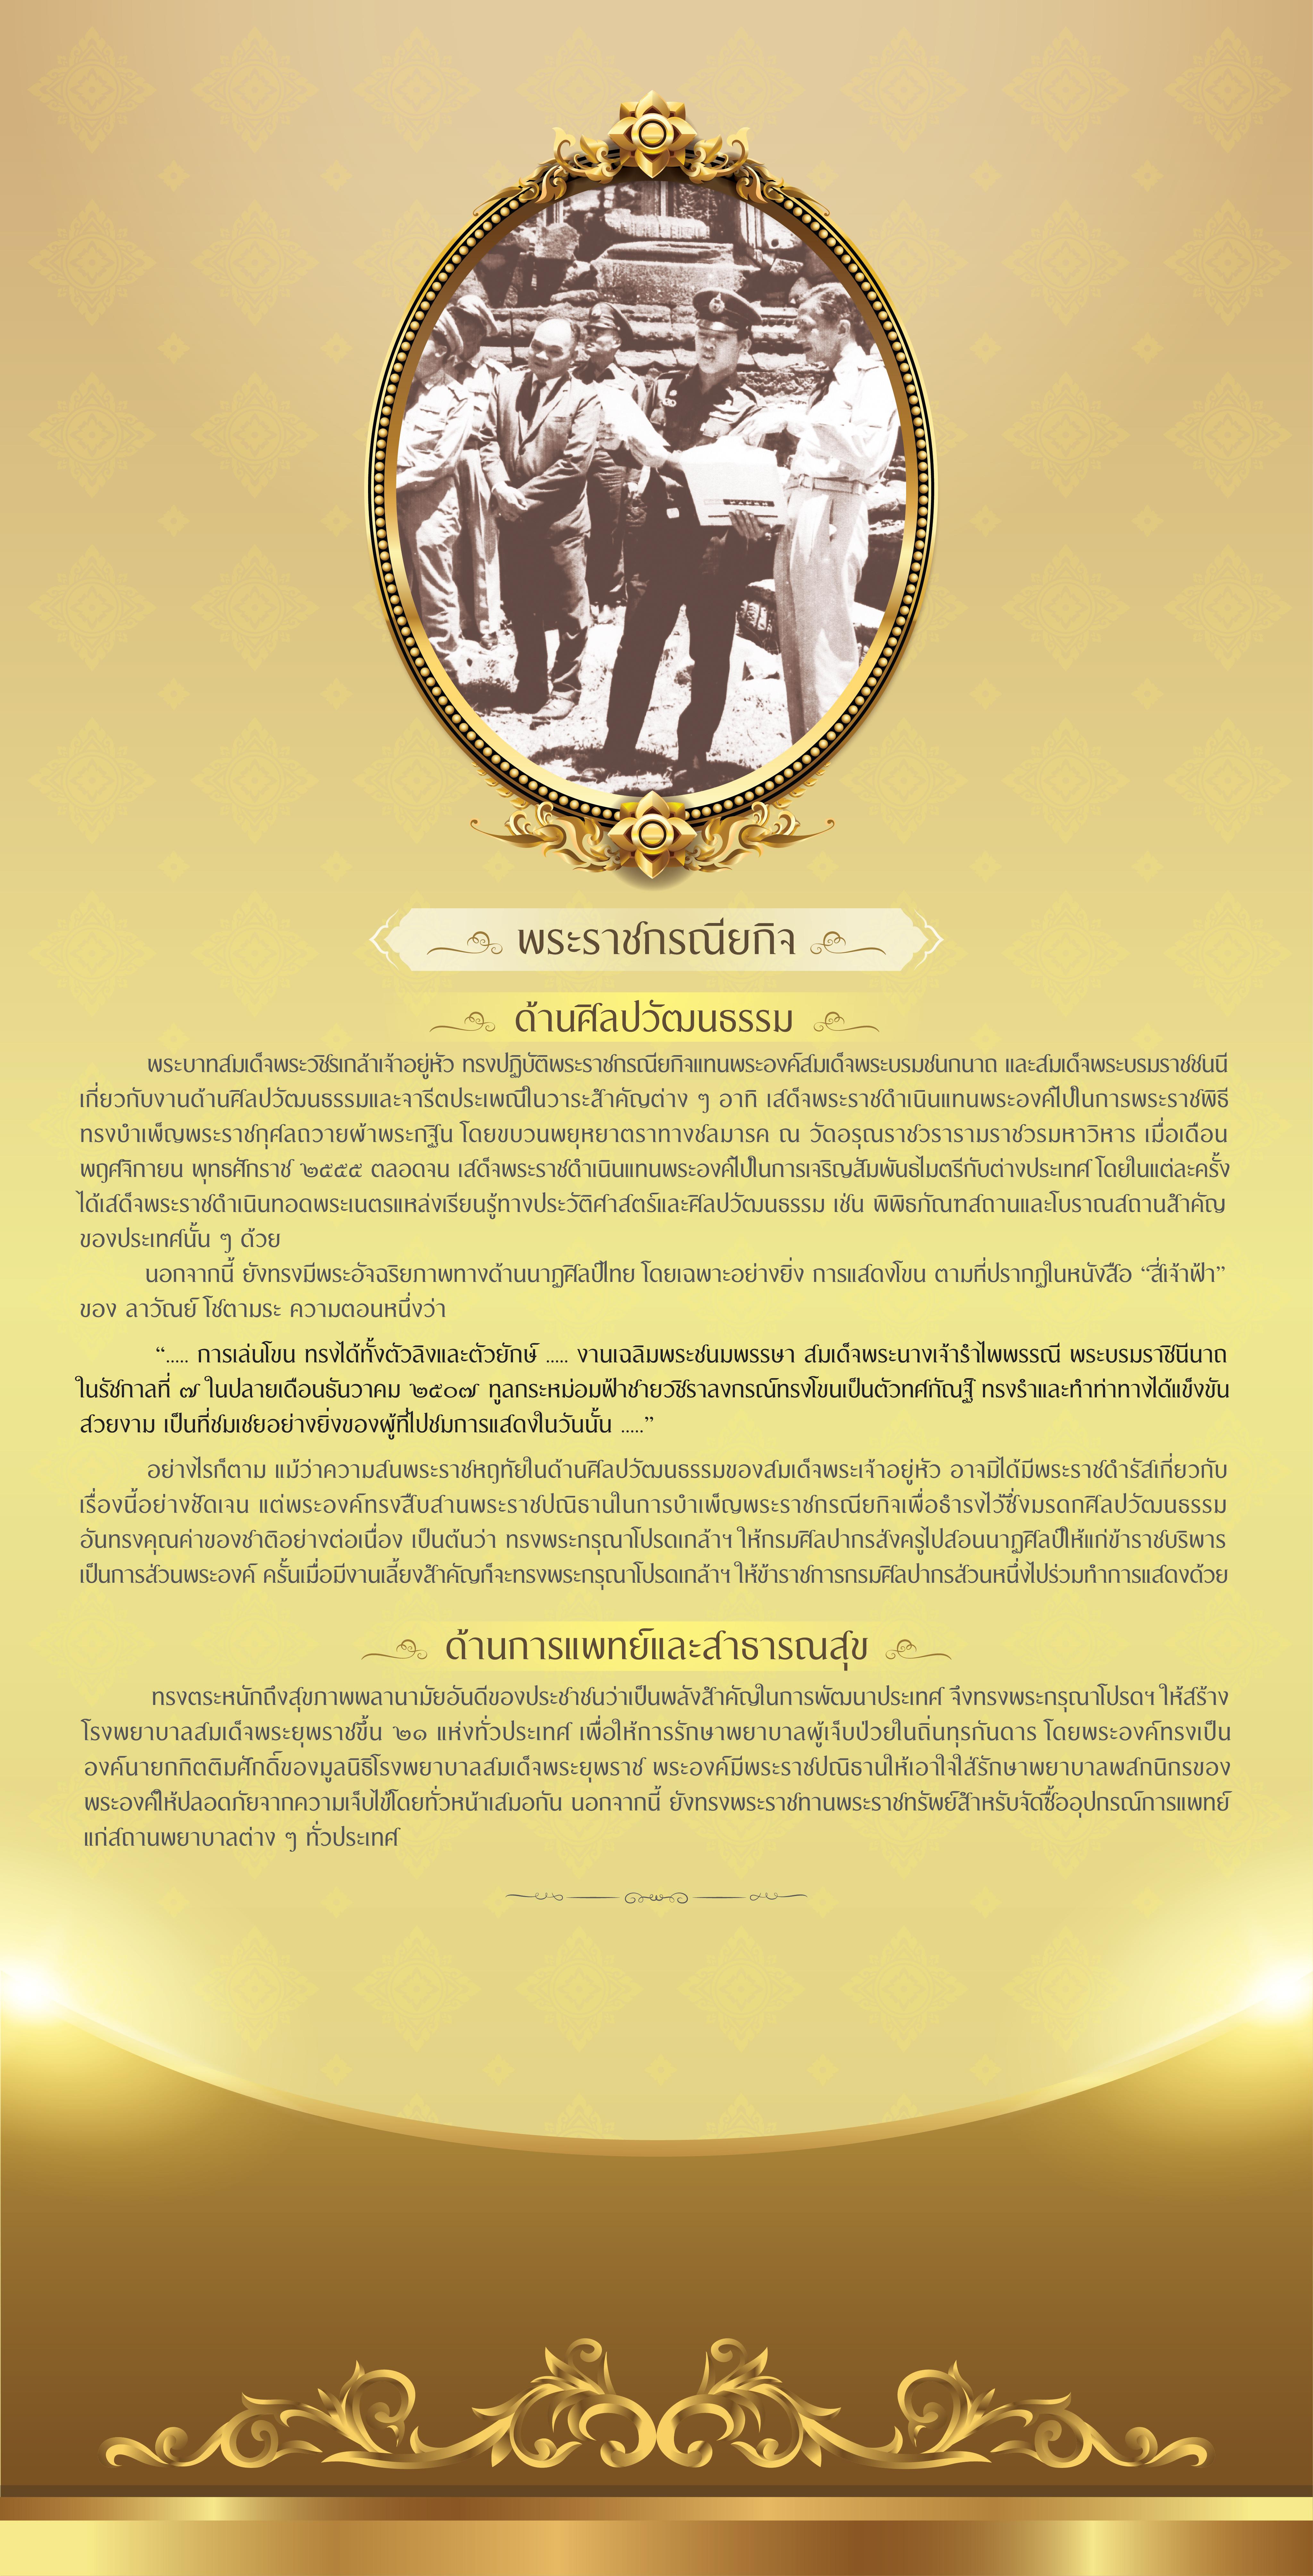 รับชมนิทรรศการเฉลิมพระเกียรติพระบาทสมเด็จพระปรเมนทรรามาธิบดีศรีสินทรมหาวชิราลงกรณ พระวชิรเกล้าเจ้าอยู่หัว เนื่องในโอกาสวันเฉลิมพระชนมพรรษา 28 กรกฎาคม 2564